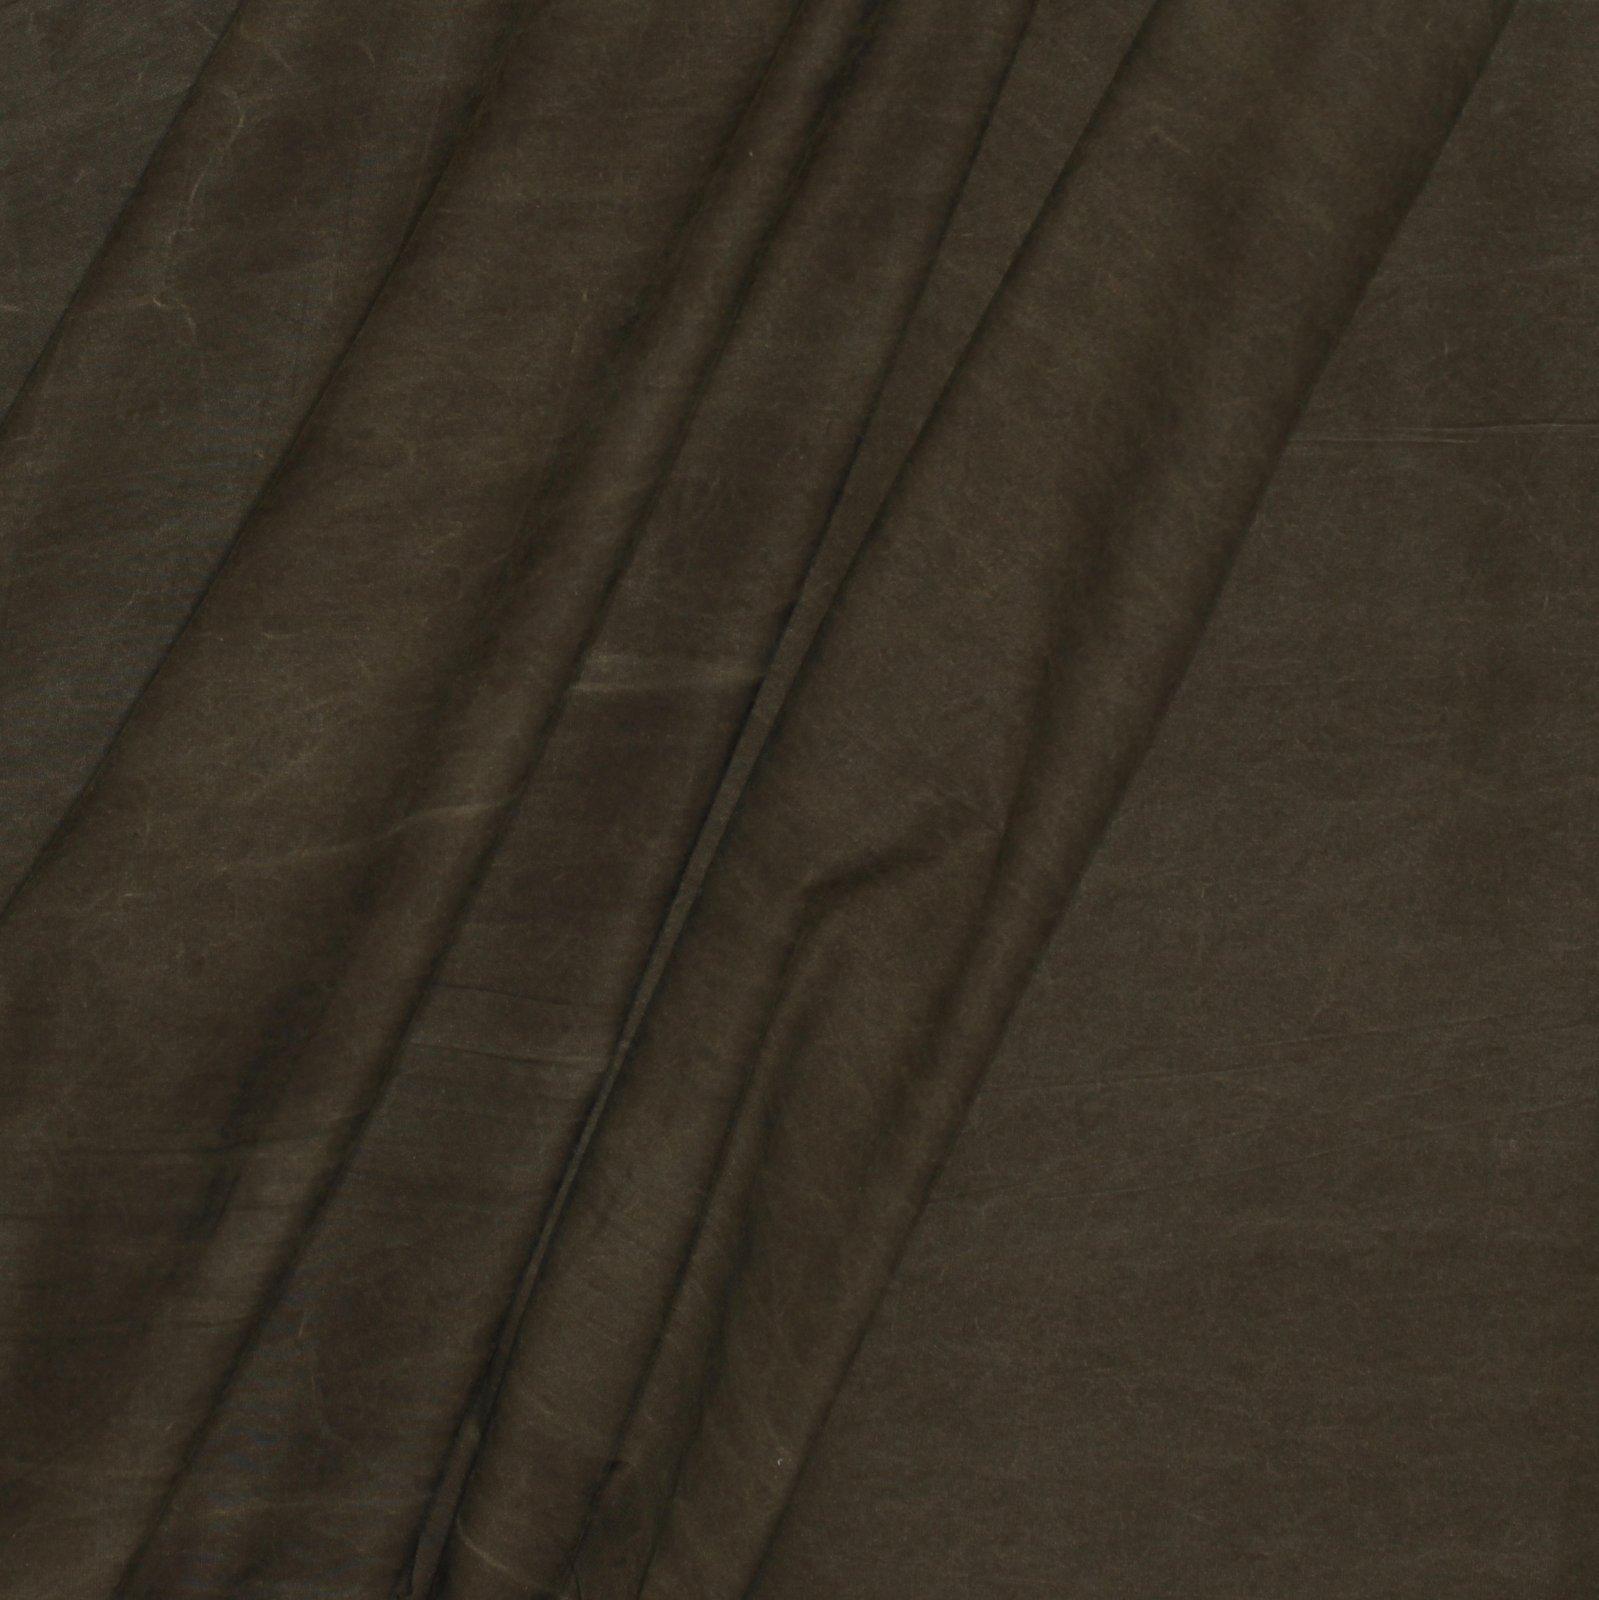 Brown Waxed Look Italian Cotton